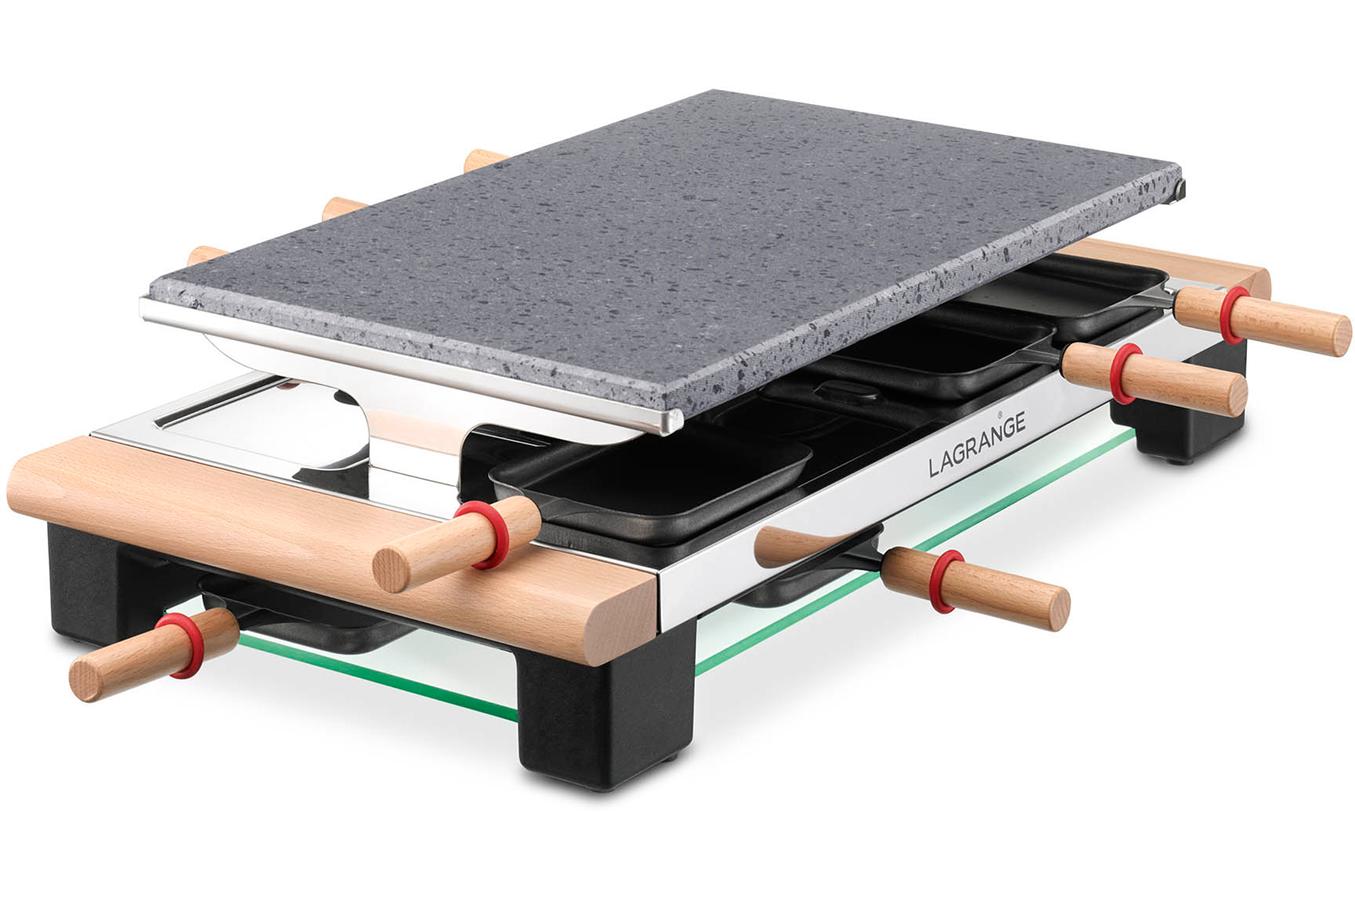 raclette lagrange pierre elegance 4038410 darty. Black Bedroom Furniture Sets. Home Design Ideas